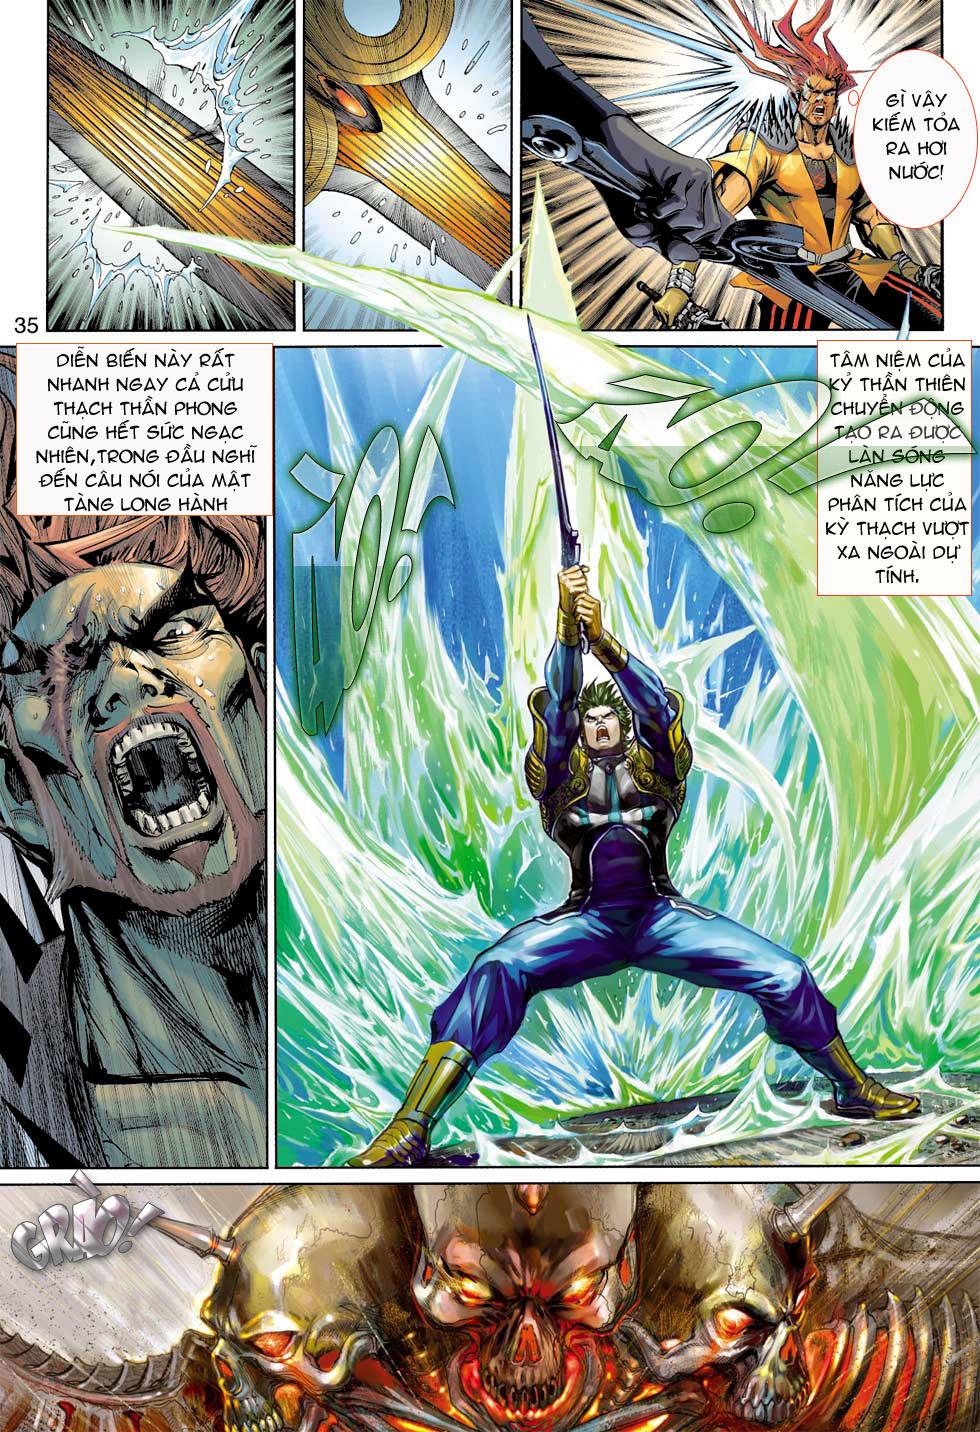 Thần Binh 4 chap 8 - Trang 35